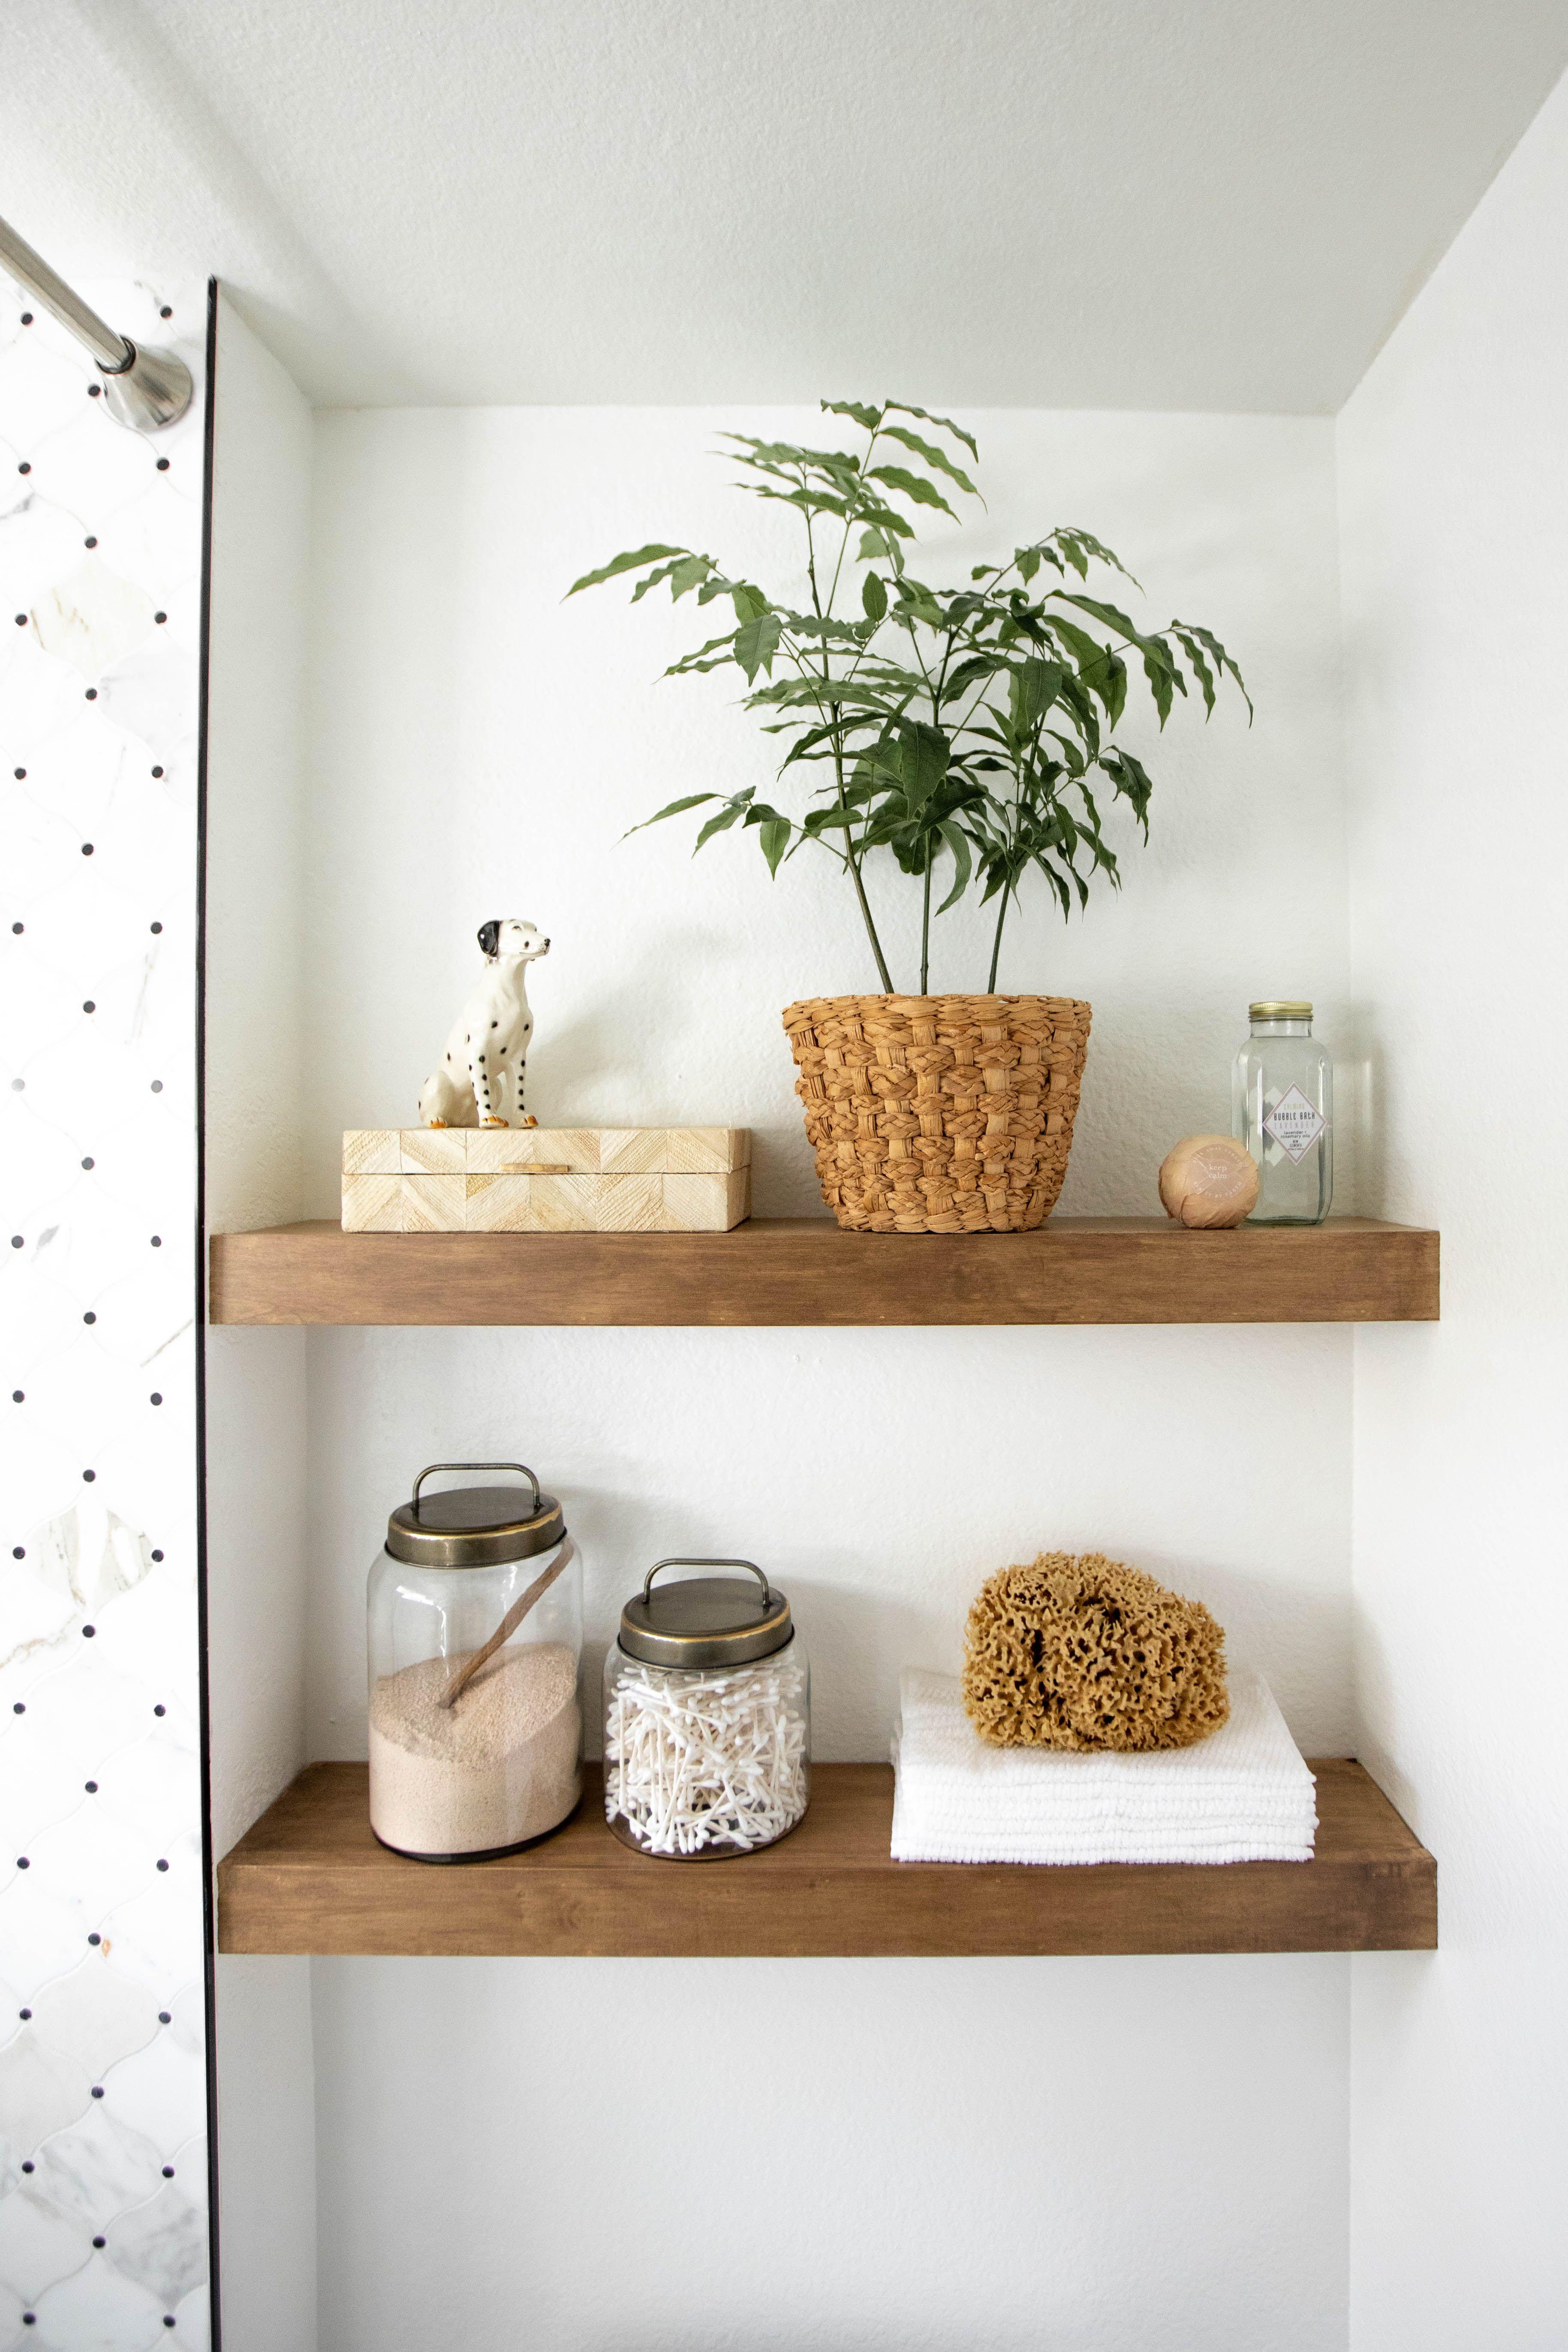 How to Build Floating Shelves Floating shelves diy